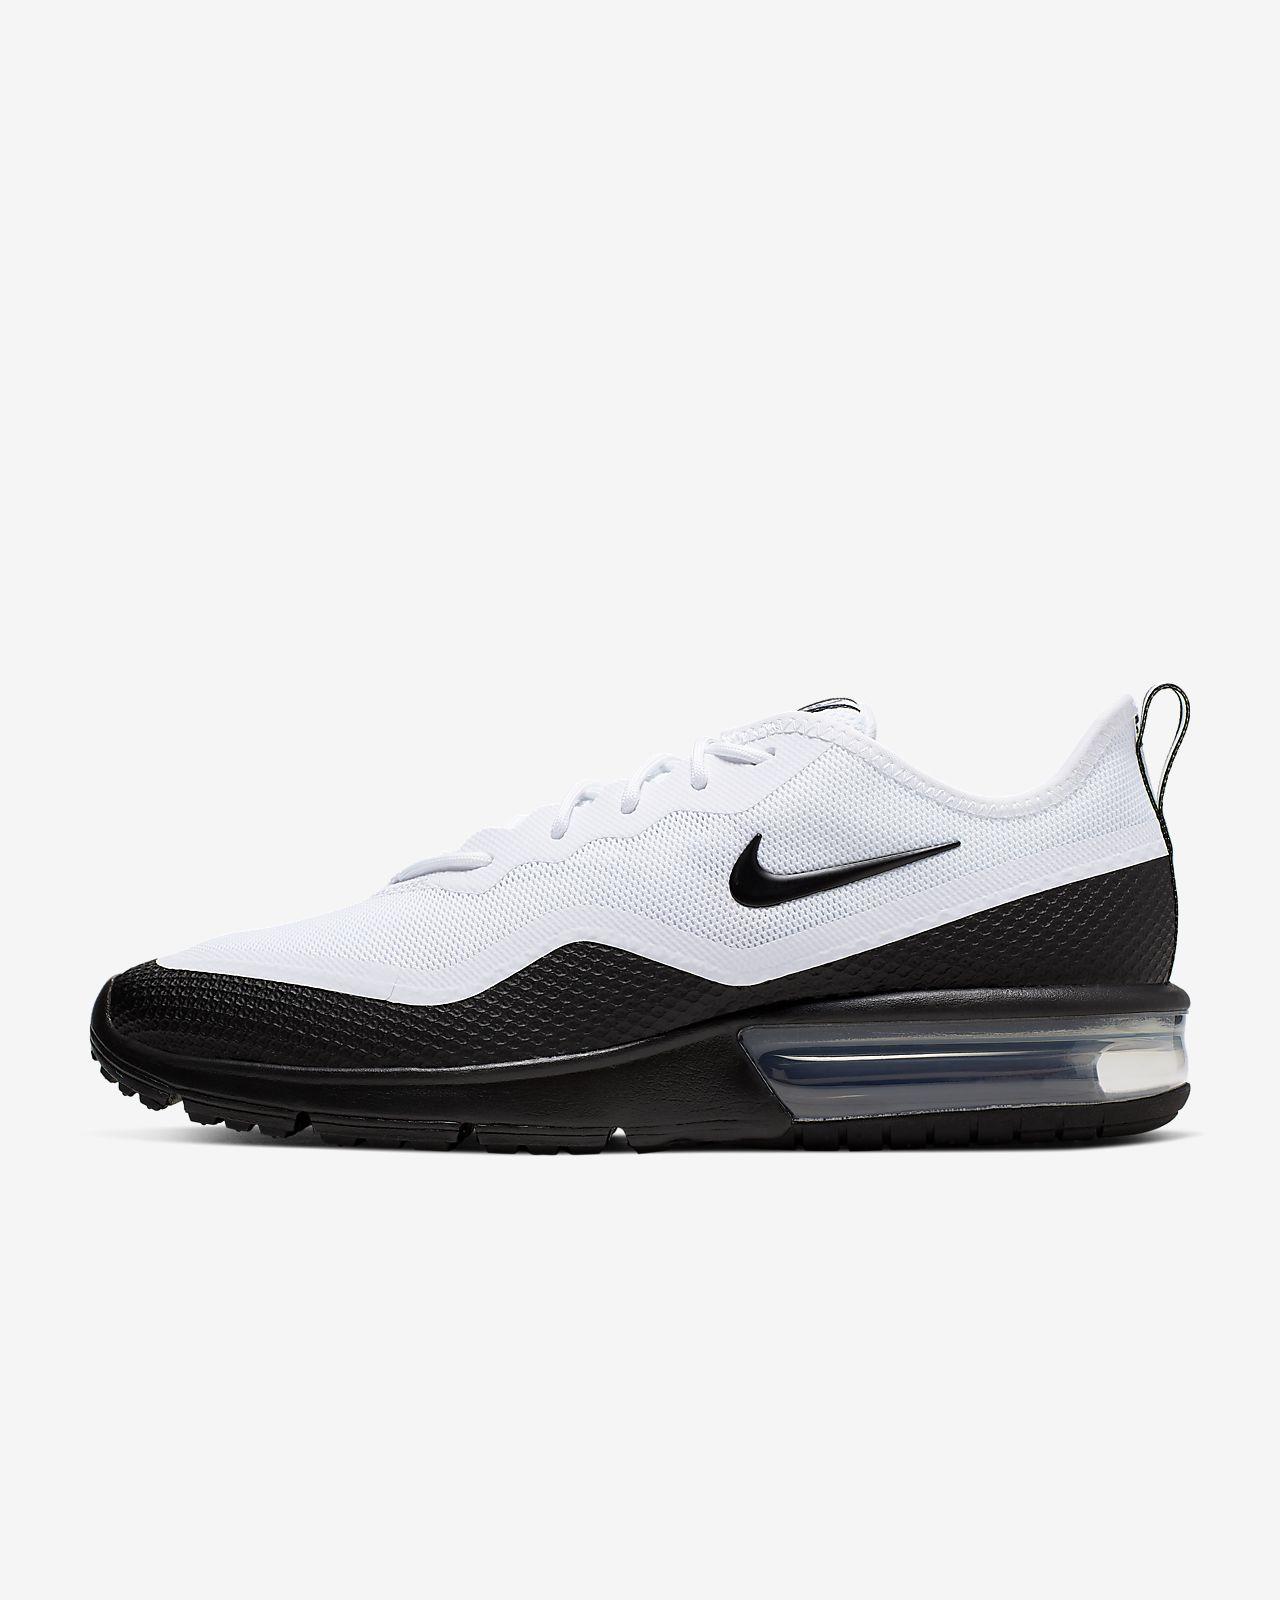 Livraison Gratuite Chaussures Homme Nike Air Max Structure